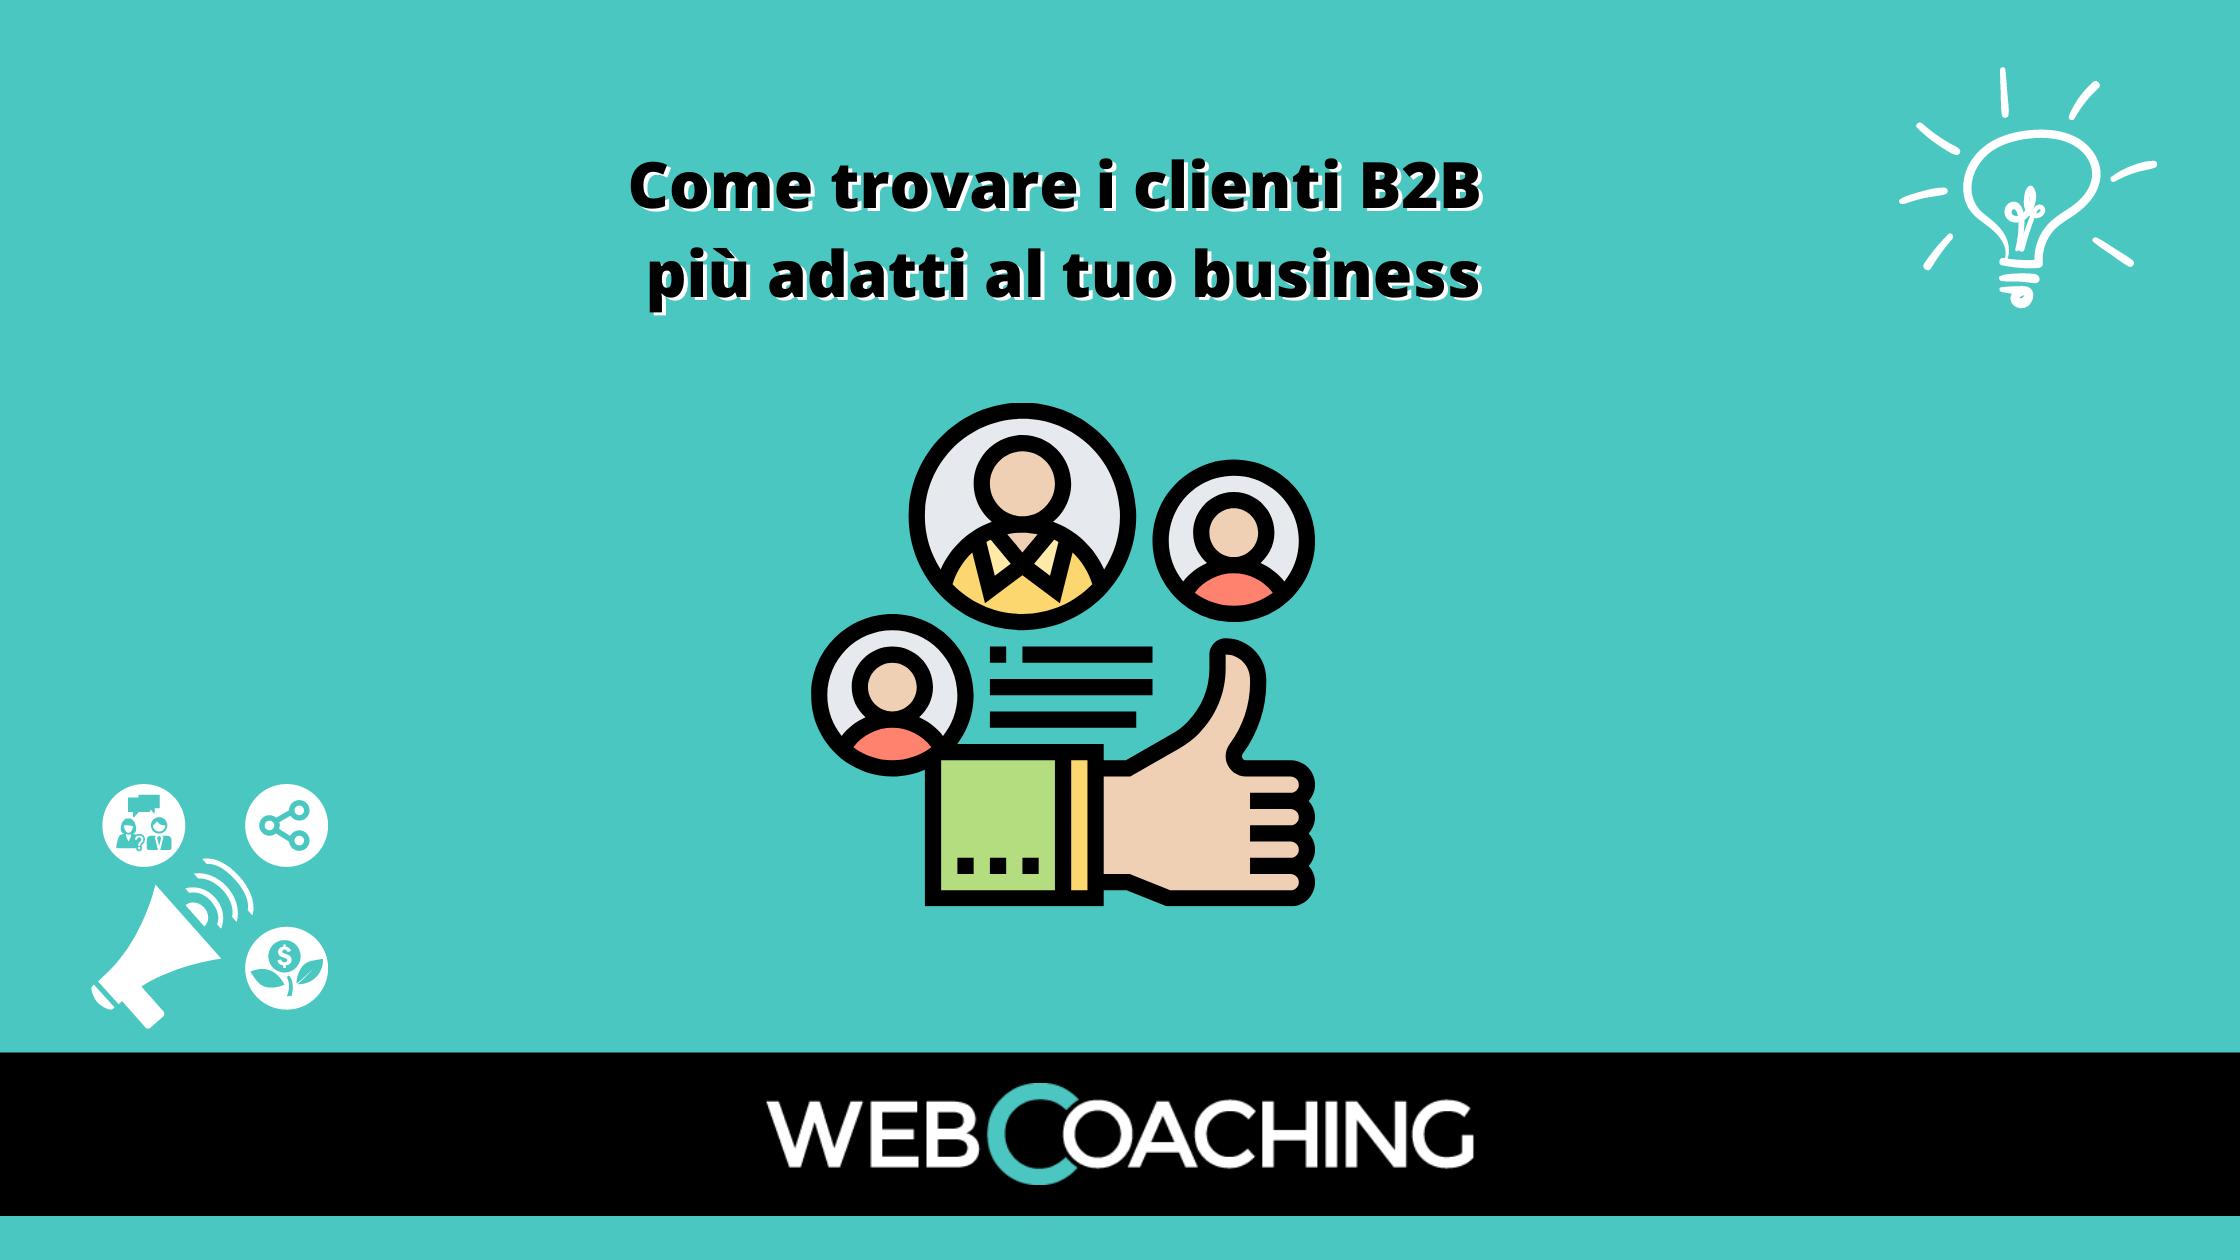 Come trovare clienti B2B